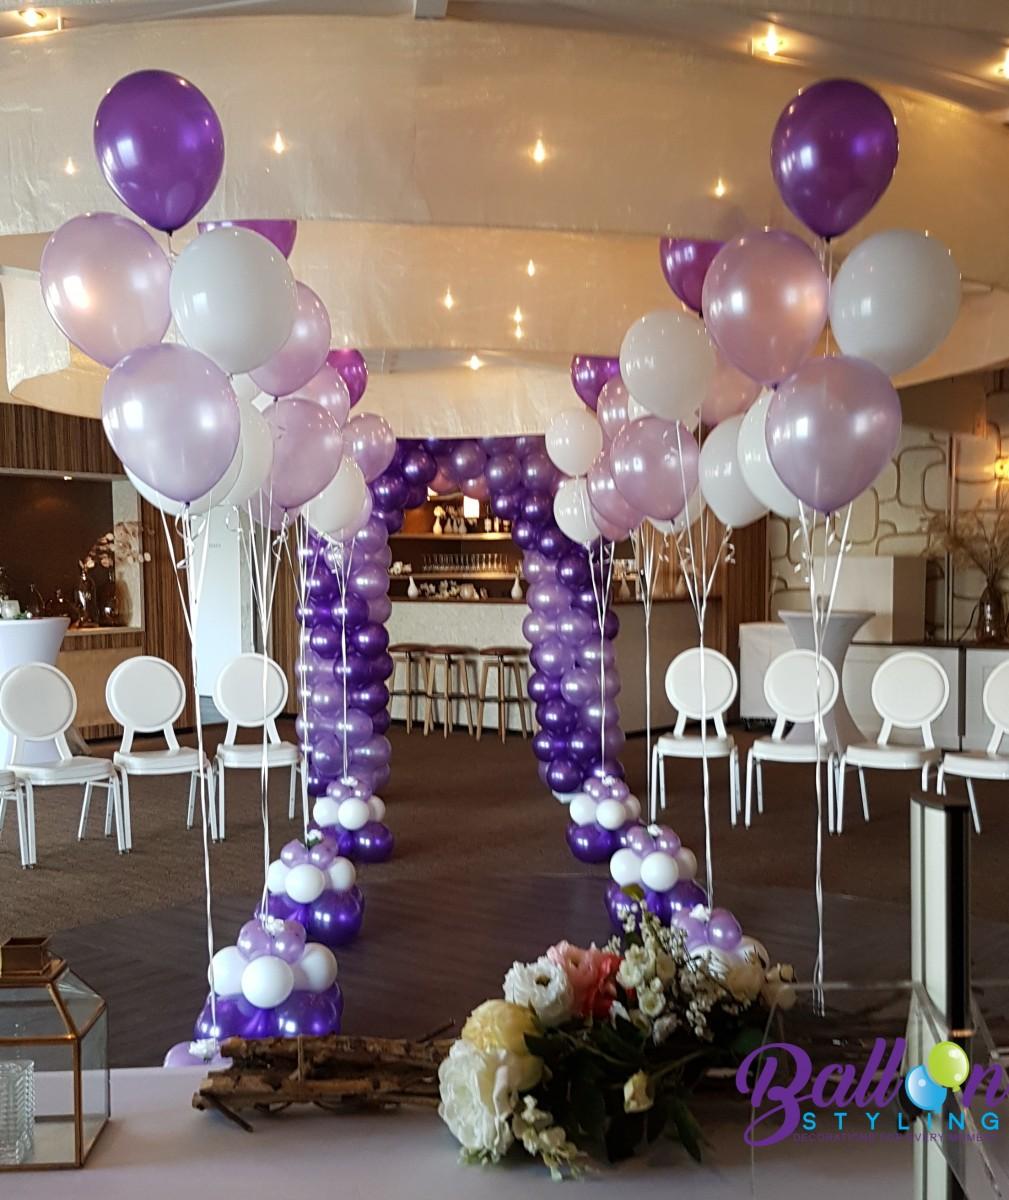 Heliumballonnen ballontrossen gronddecoratie vloerdecoratie Balloon Styling Tilburg